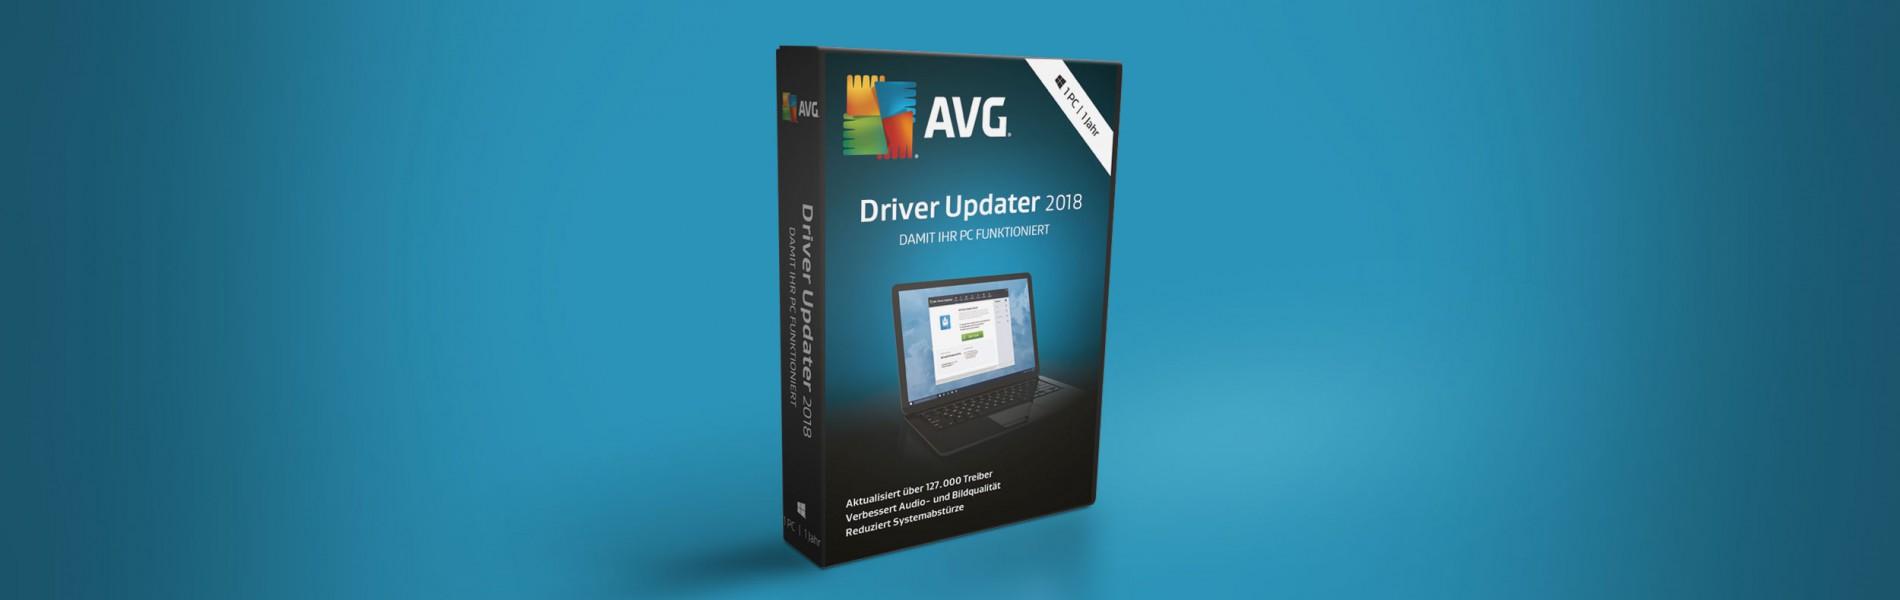 AVG Driver Updater 2018